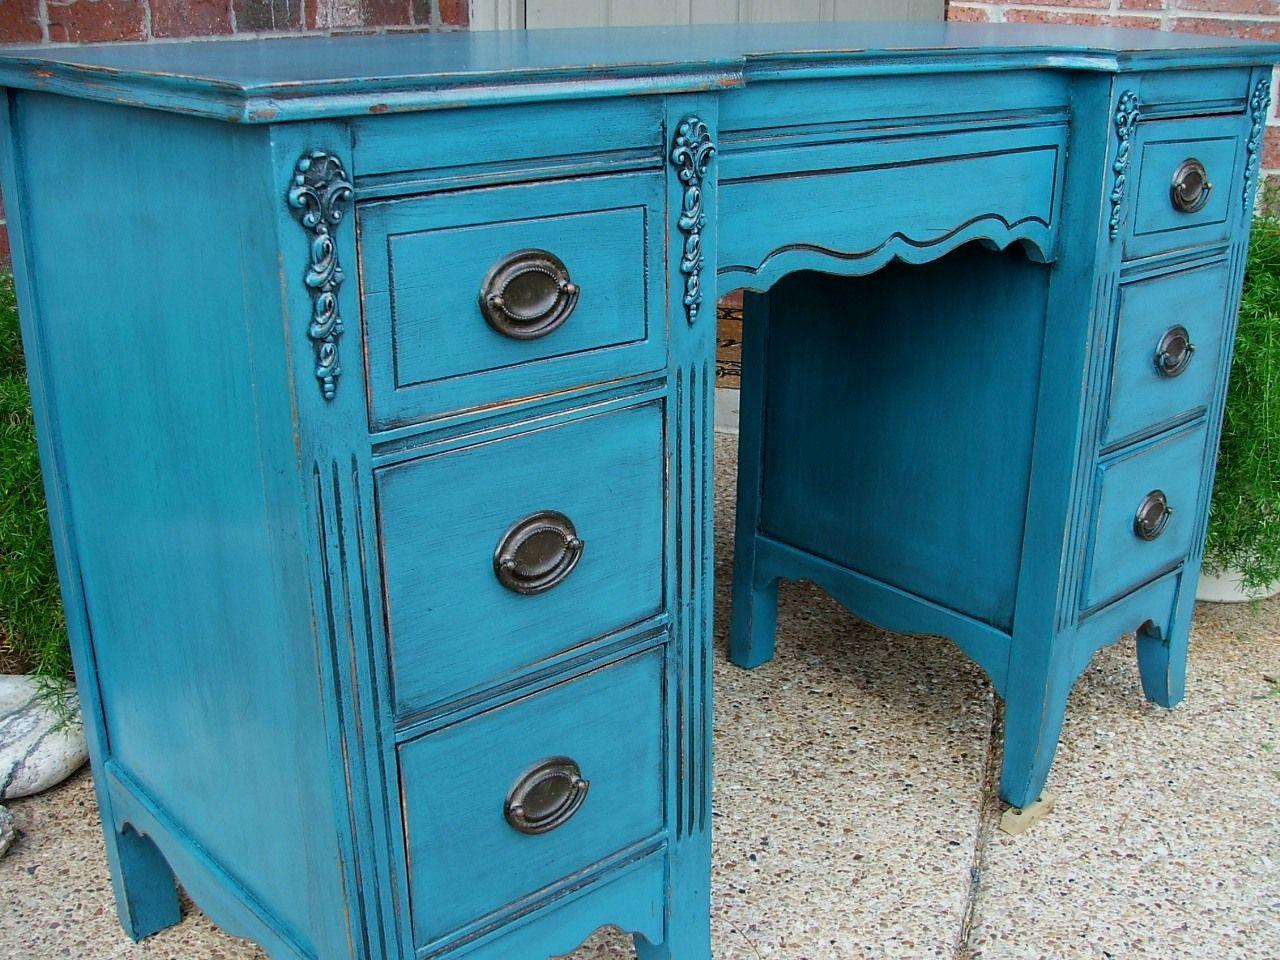 les 25 meilleures id es de la cat gorie meubles peint en bleu sur pinterest mobilier bleu diy. Black Bedroom Furniture Sets. Home Design Ideas